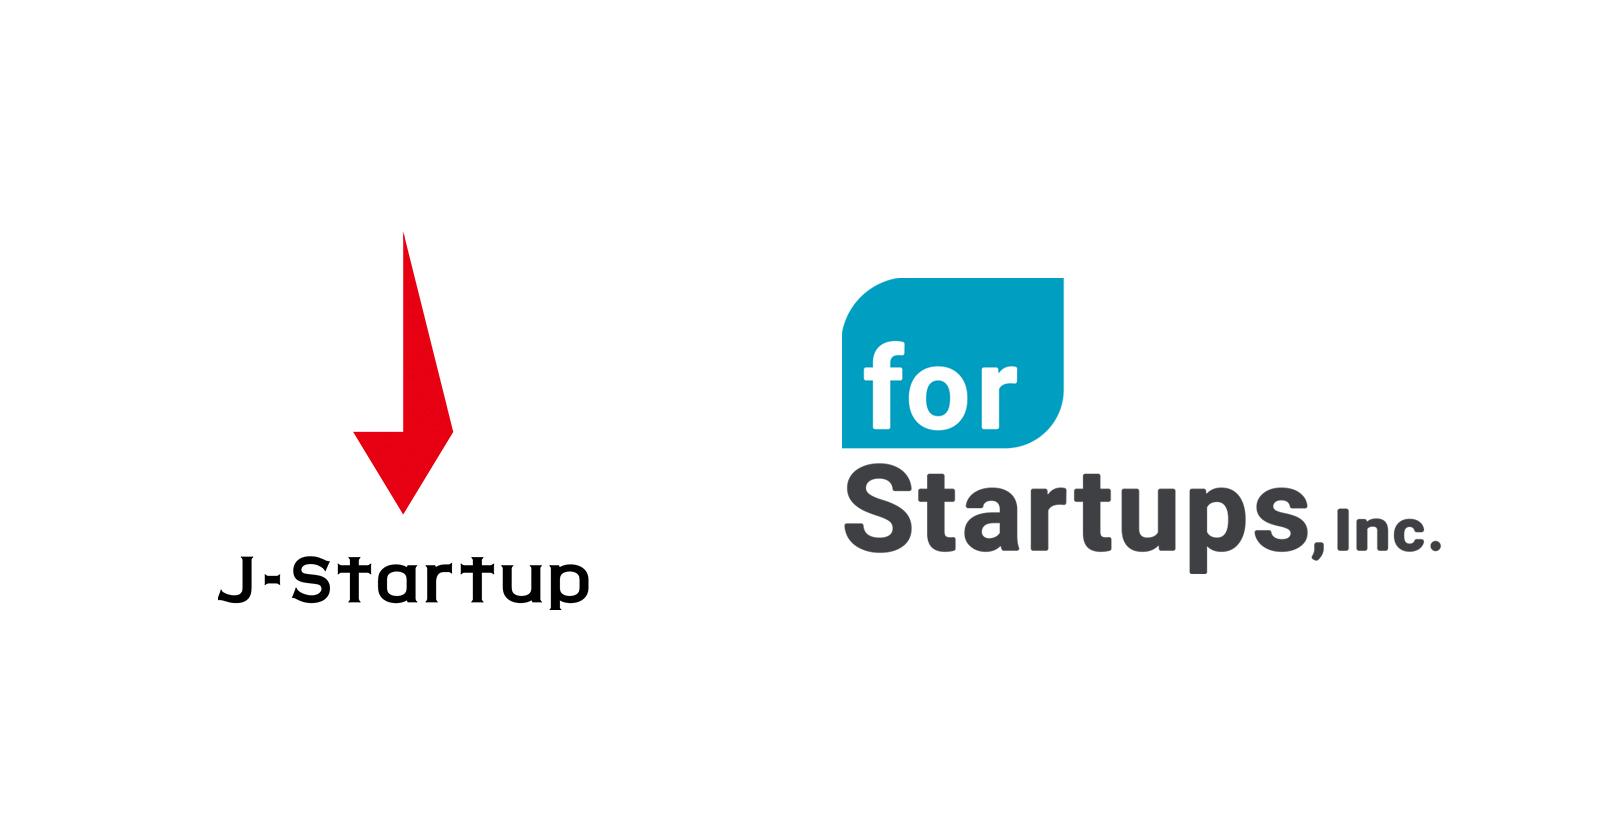 フォースタートアップス、「J-Startup」に民間サポーターズとして参画